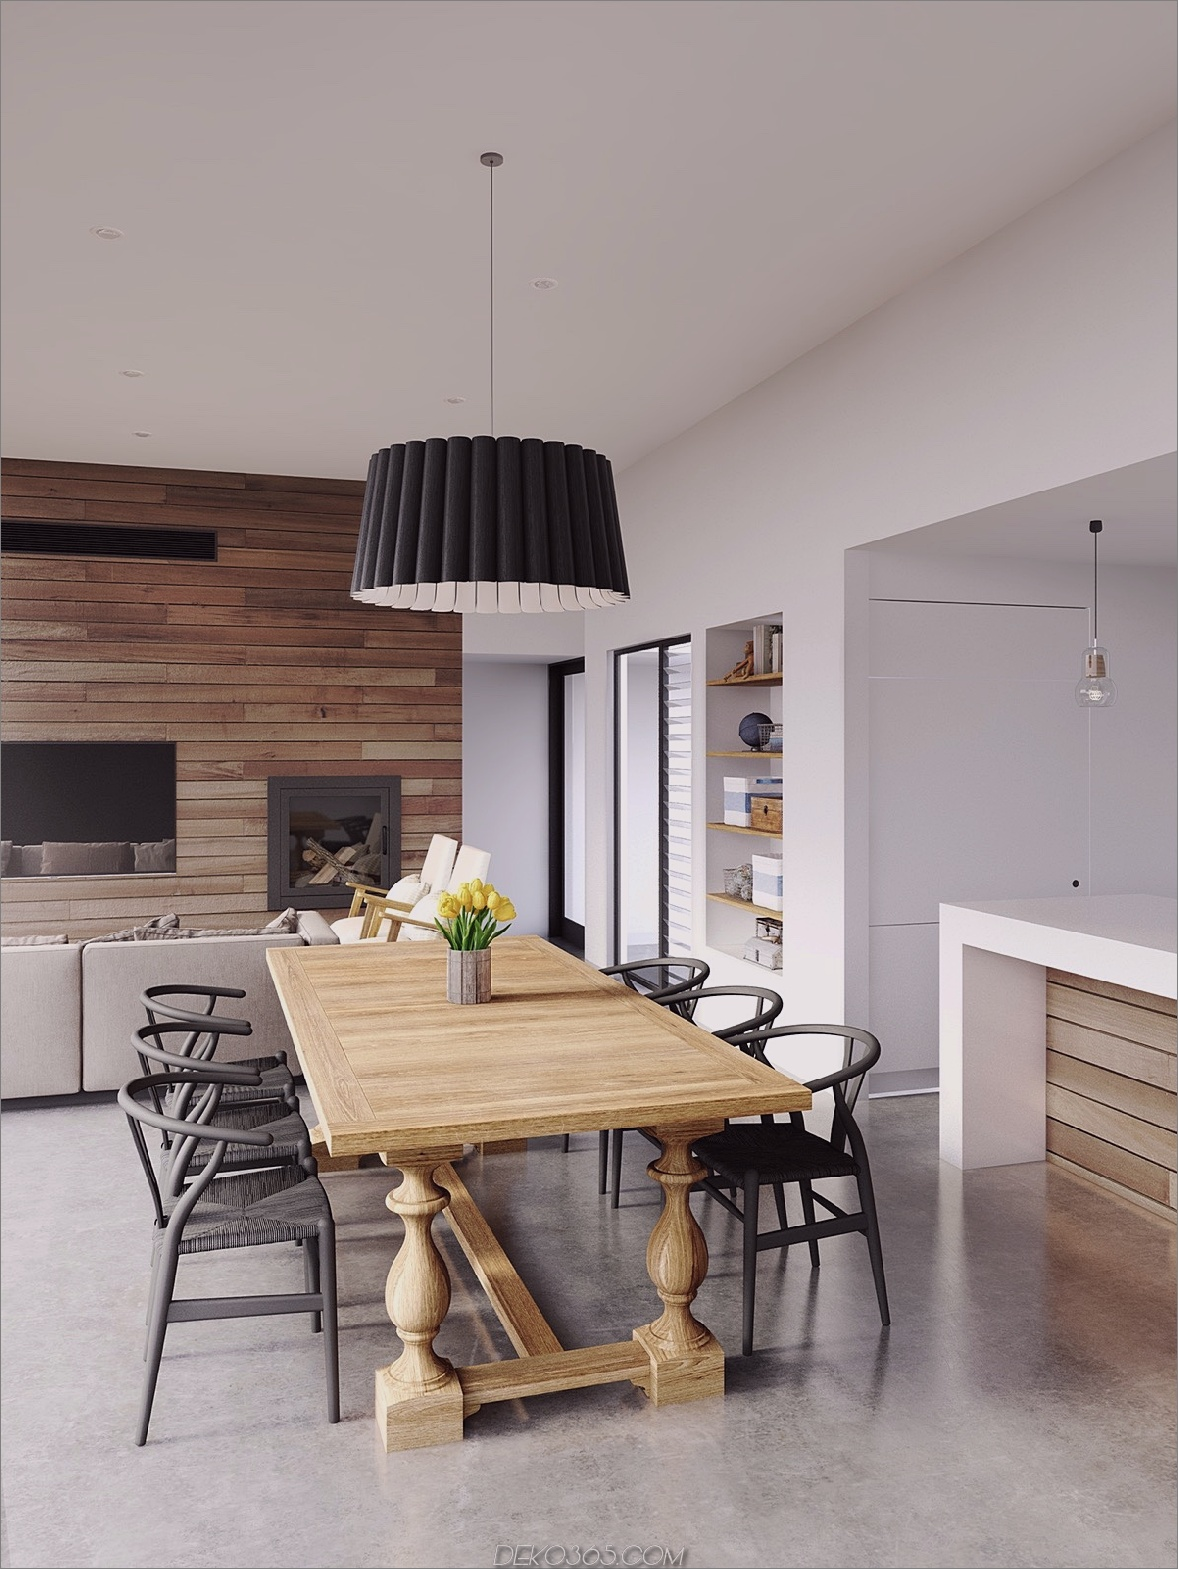 Holz Tisch mit verschiedenen Stühlen 12 Möglichkeiten, eine Aussage in Ihrem Esszimmer zu machen